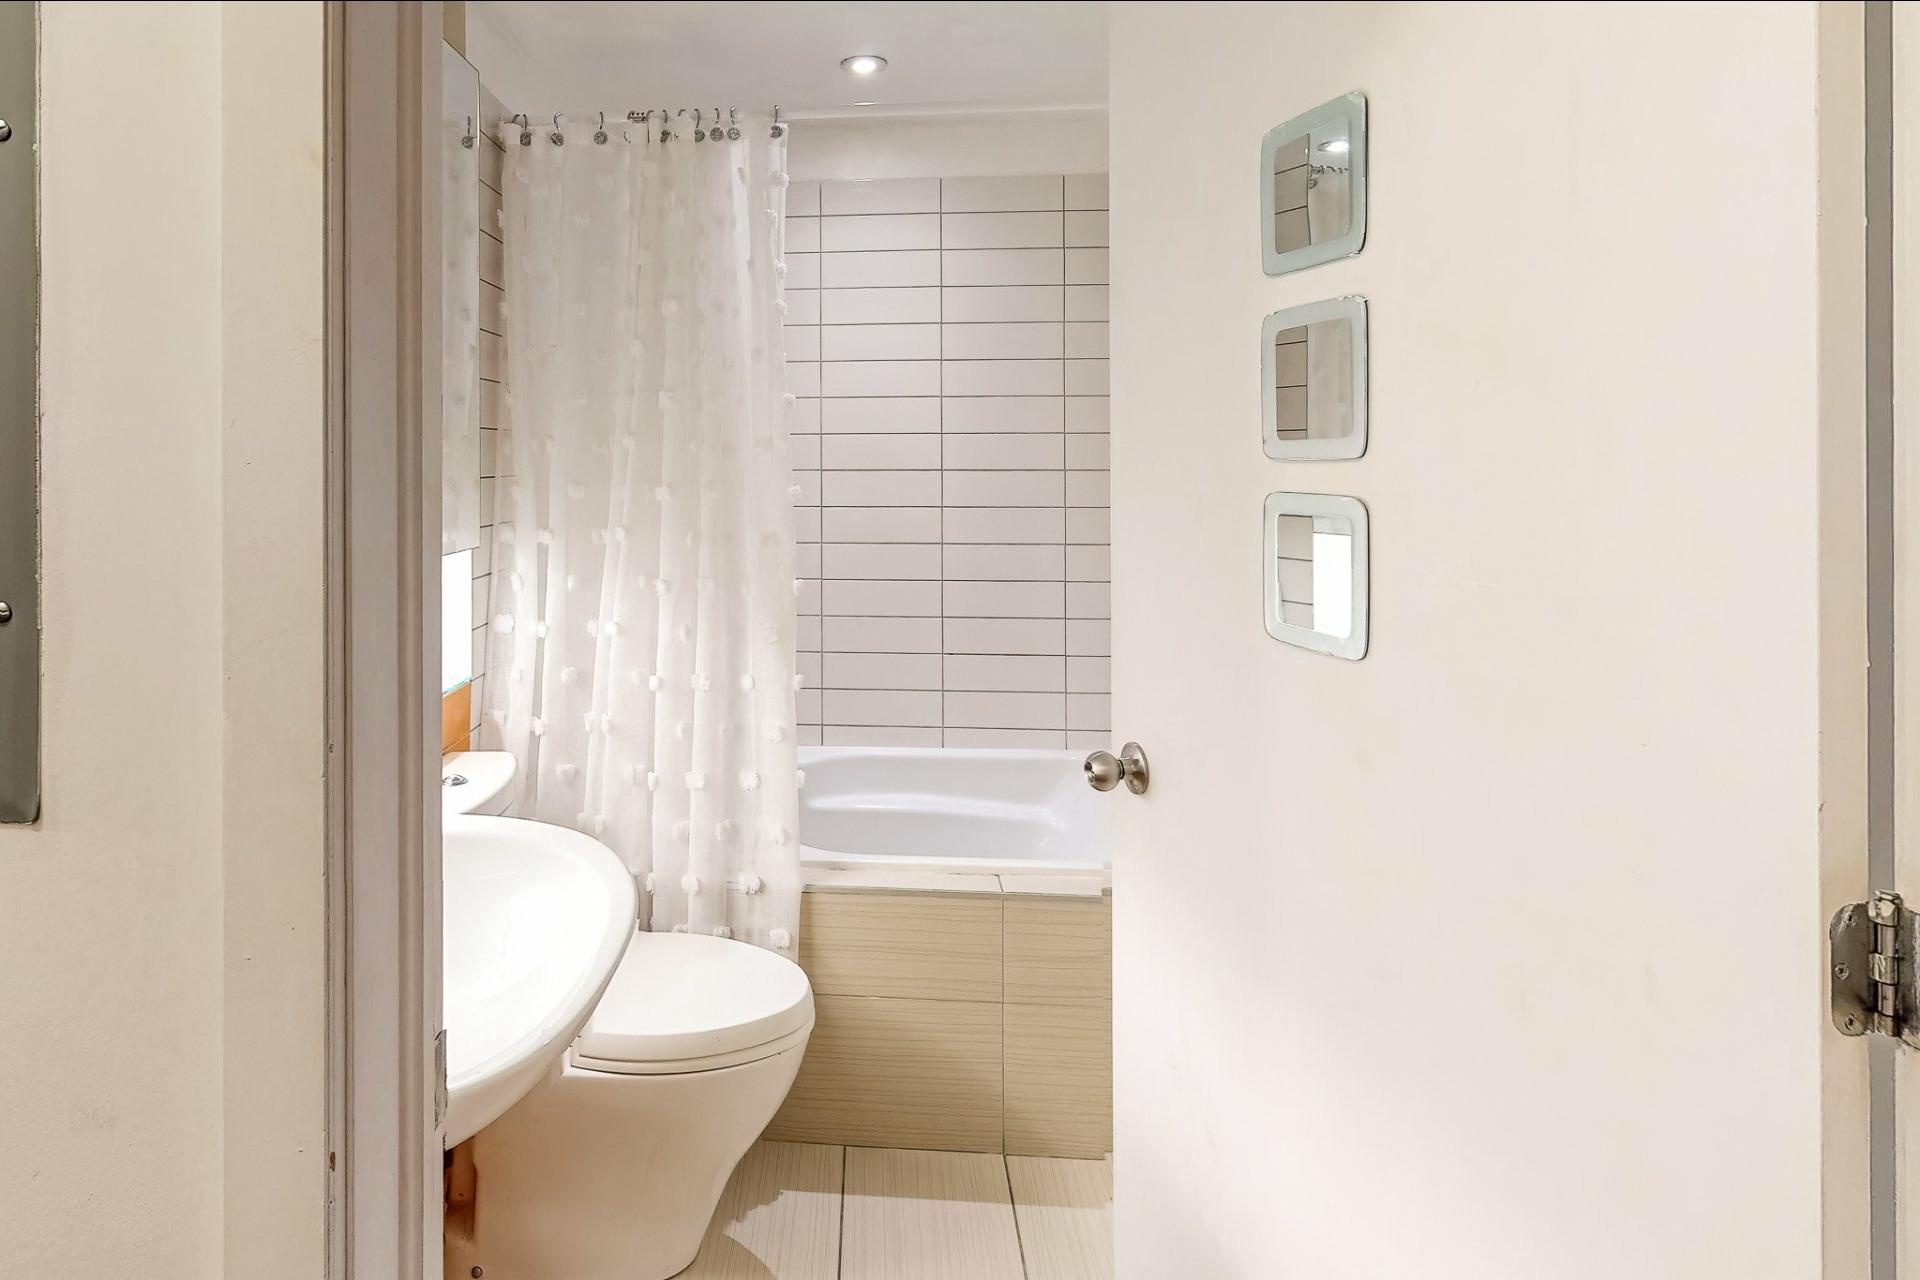 image 4 - Apartment For sale Ville-Marie Montréal  - 2 rooms